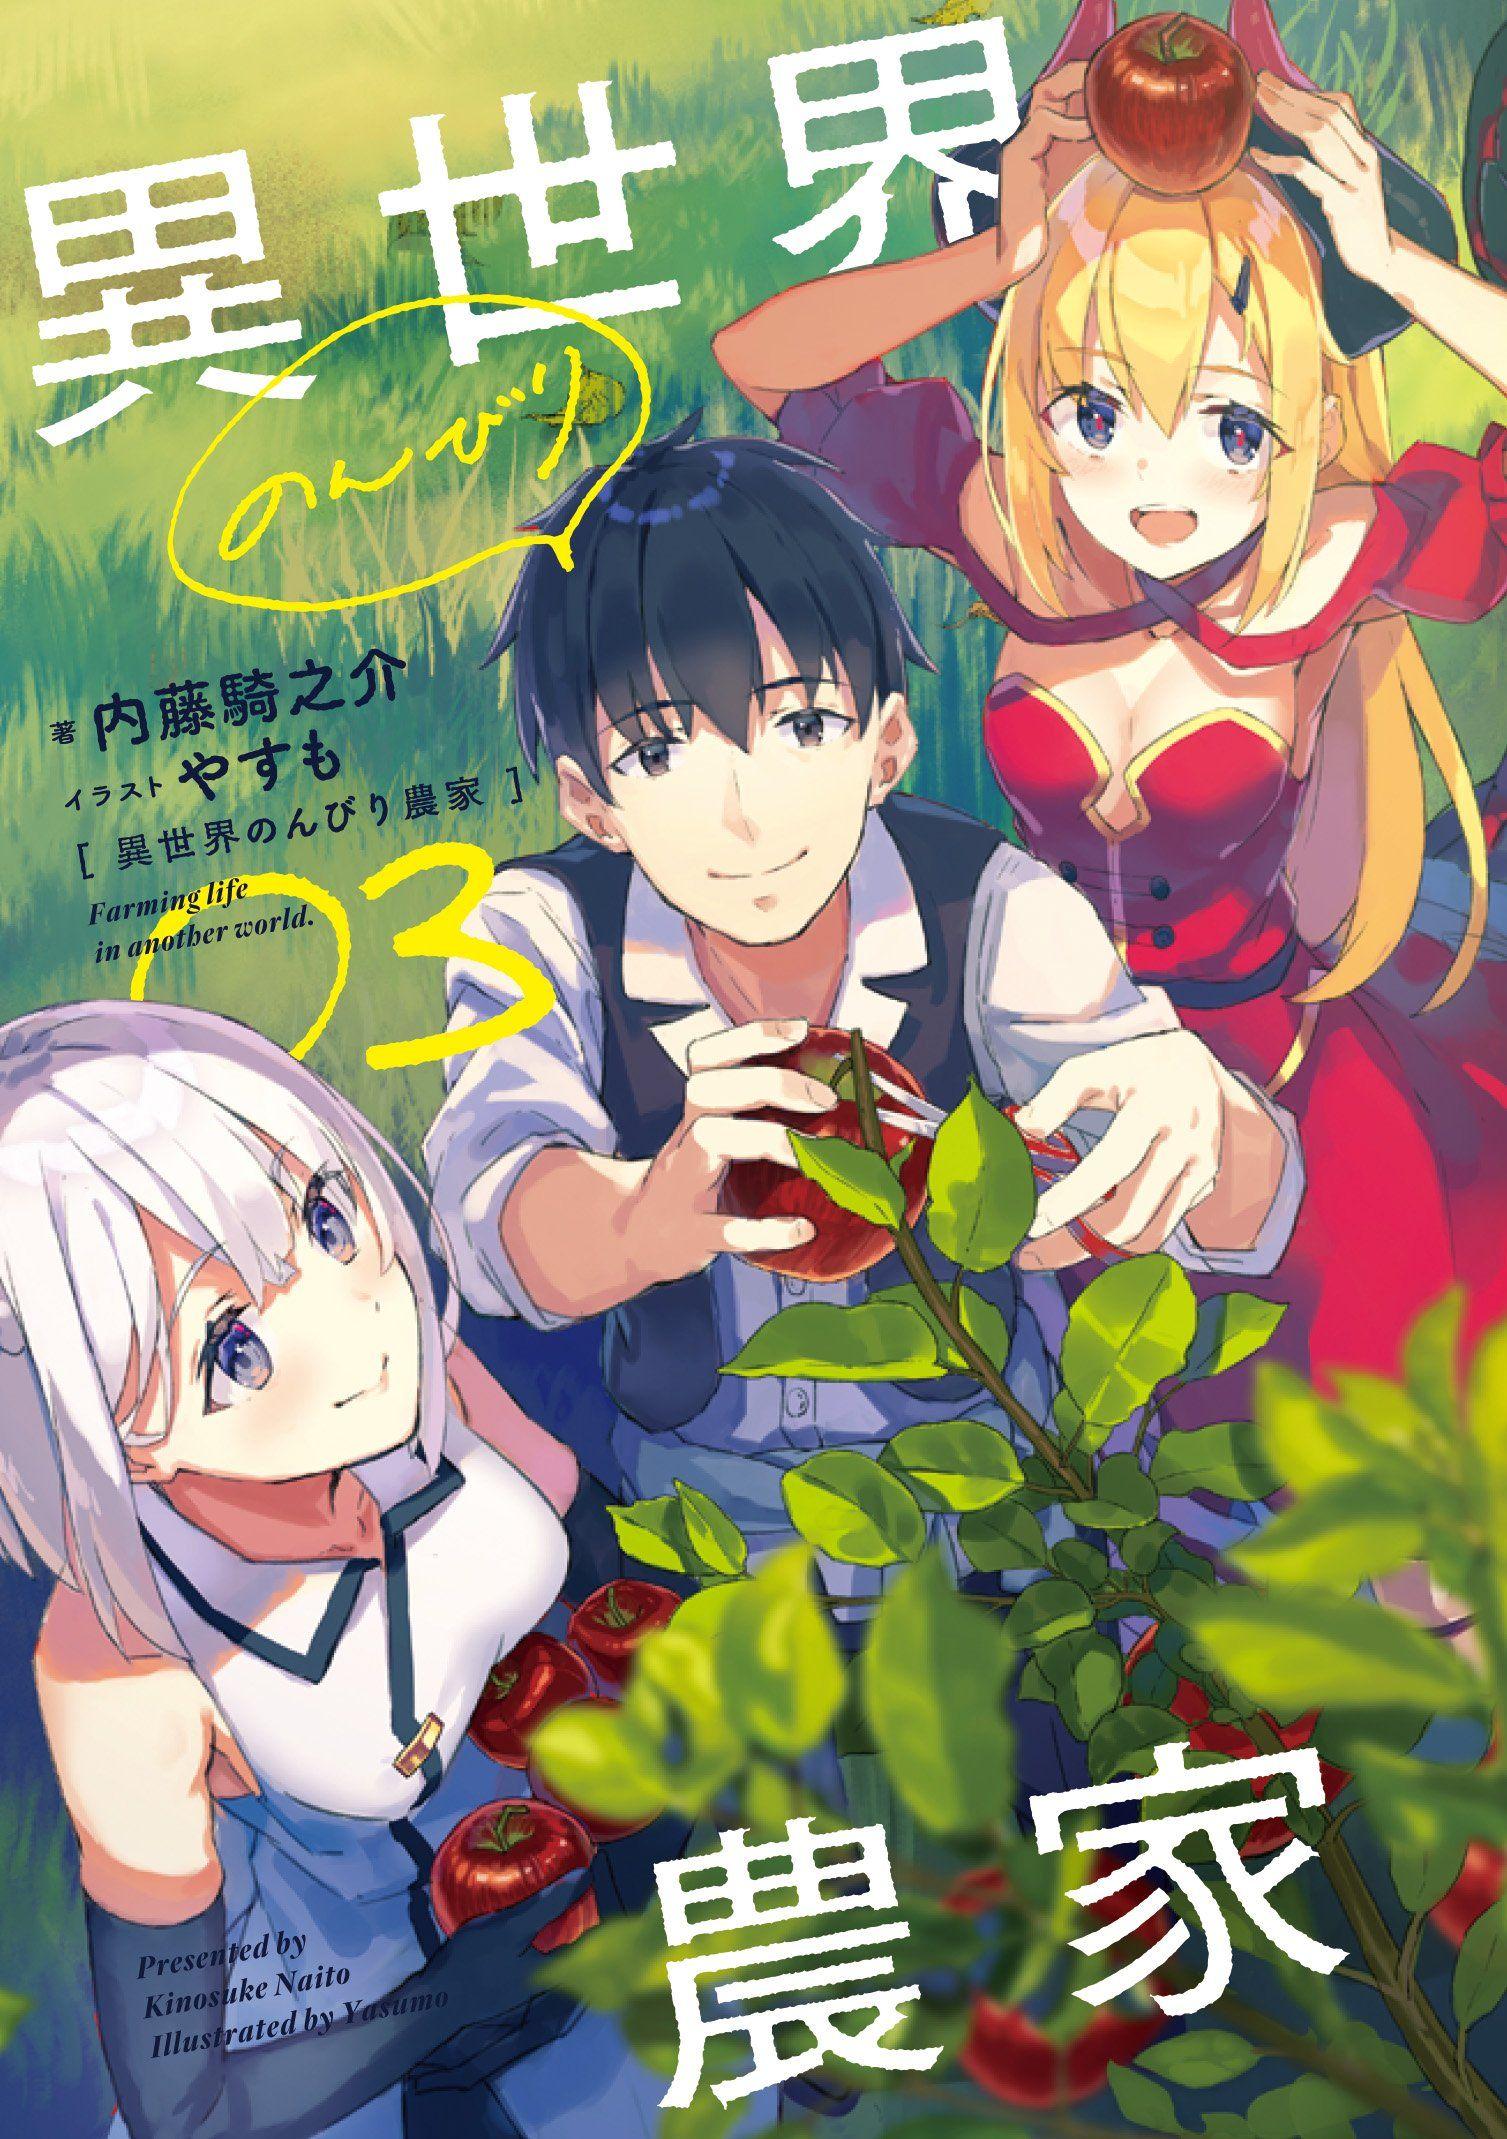 5 BEST ISEKAIGenre Manga Titles That You Should BE